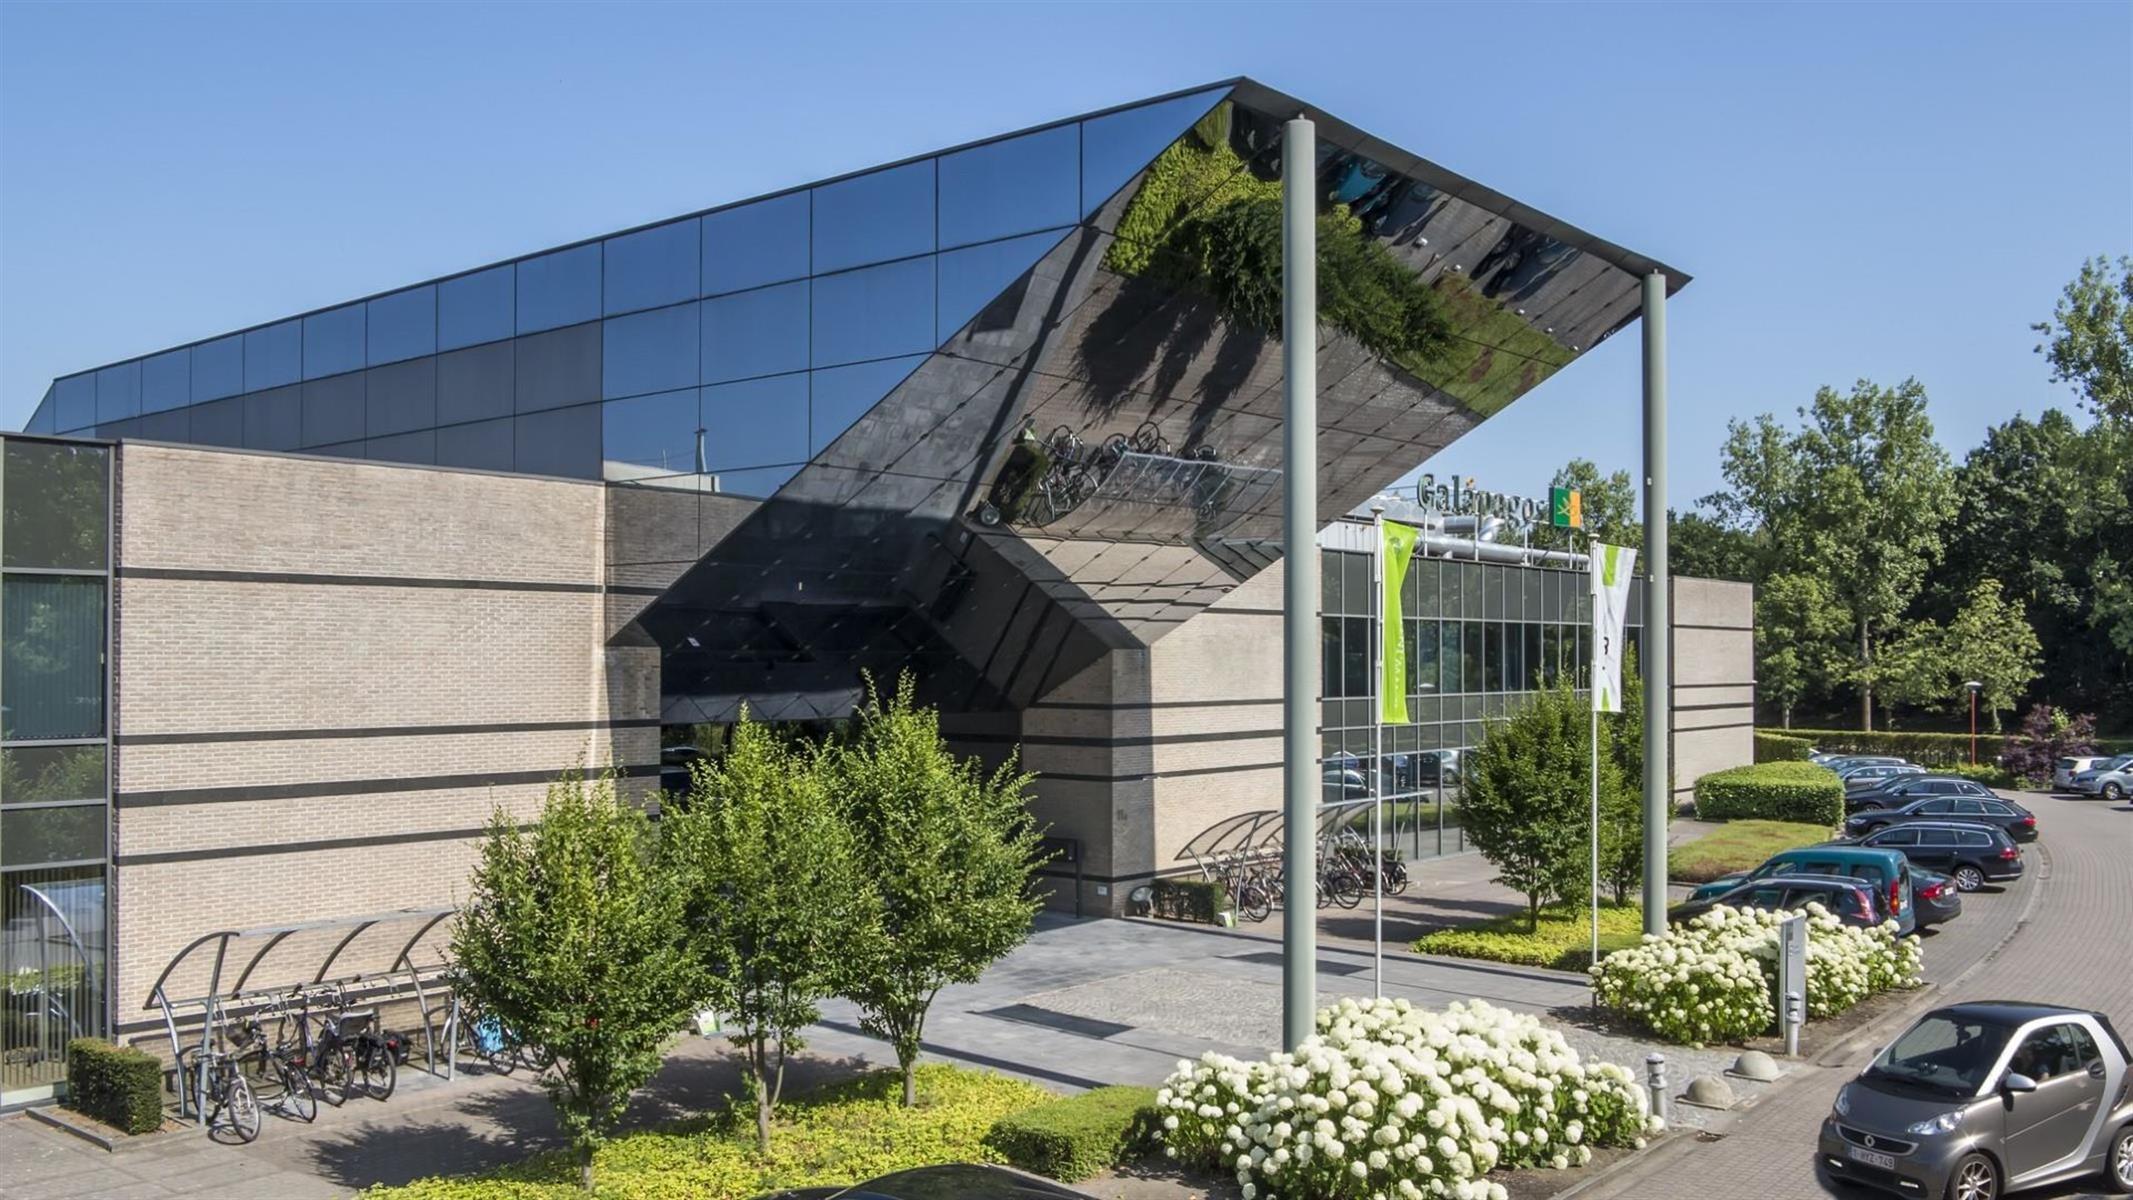 kantoor te huur I126 - 17C - unit 1/R+L - Generaal de Wittelaan 17, 2800 Mechelen, België 2